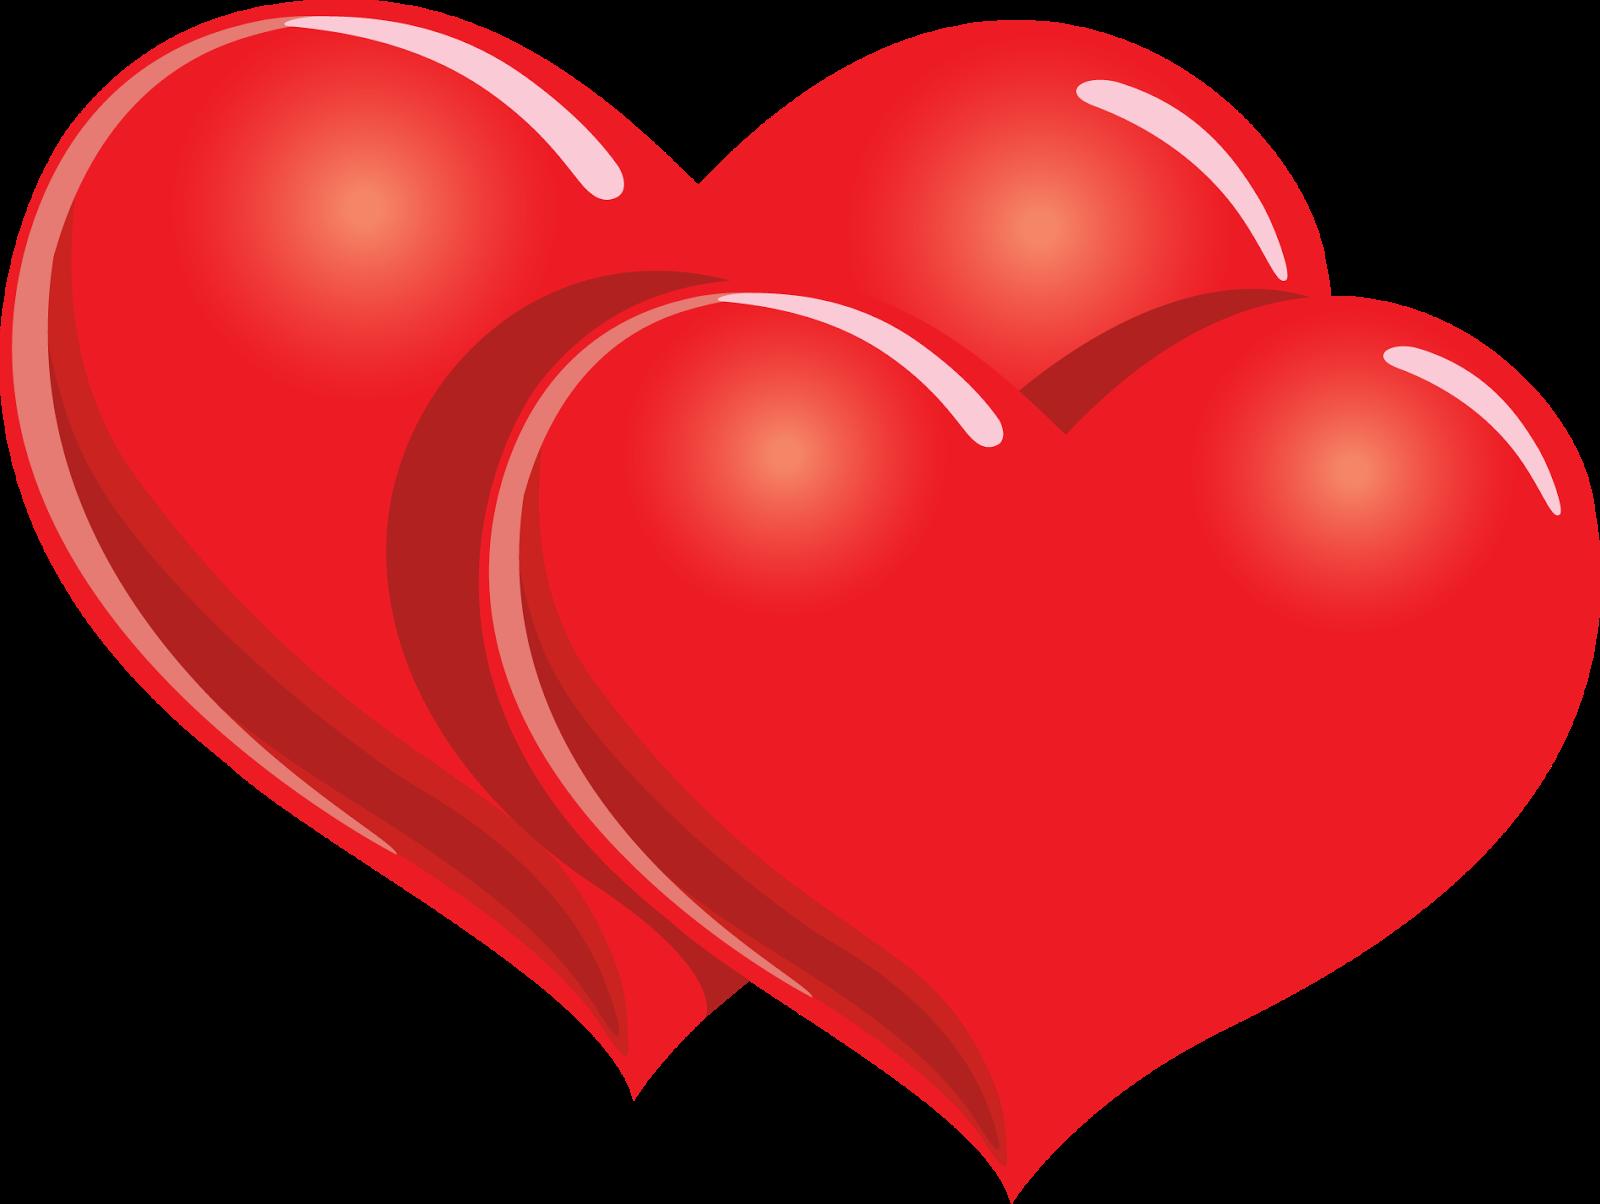 Hearts PNG HD  - 126531